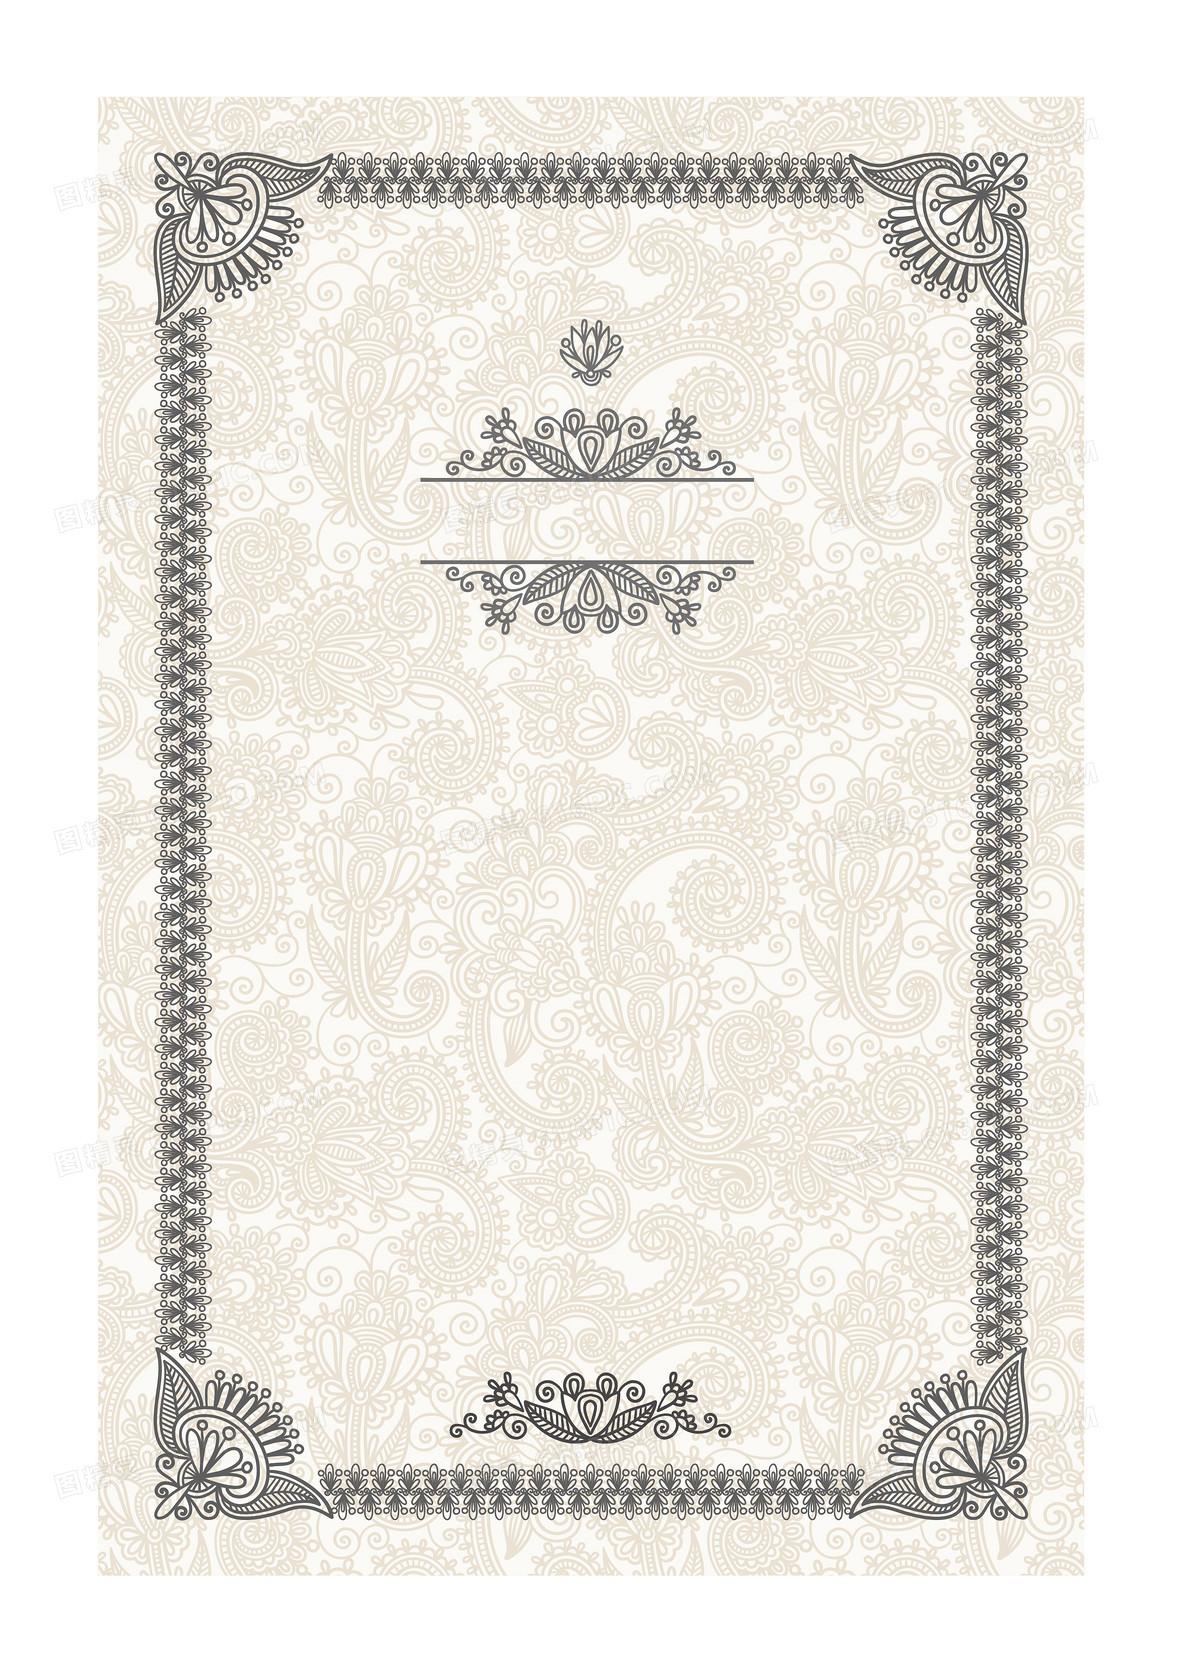 简约欧式花纹证书授权书海报背景素材